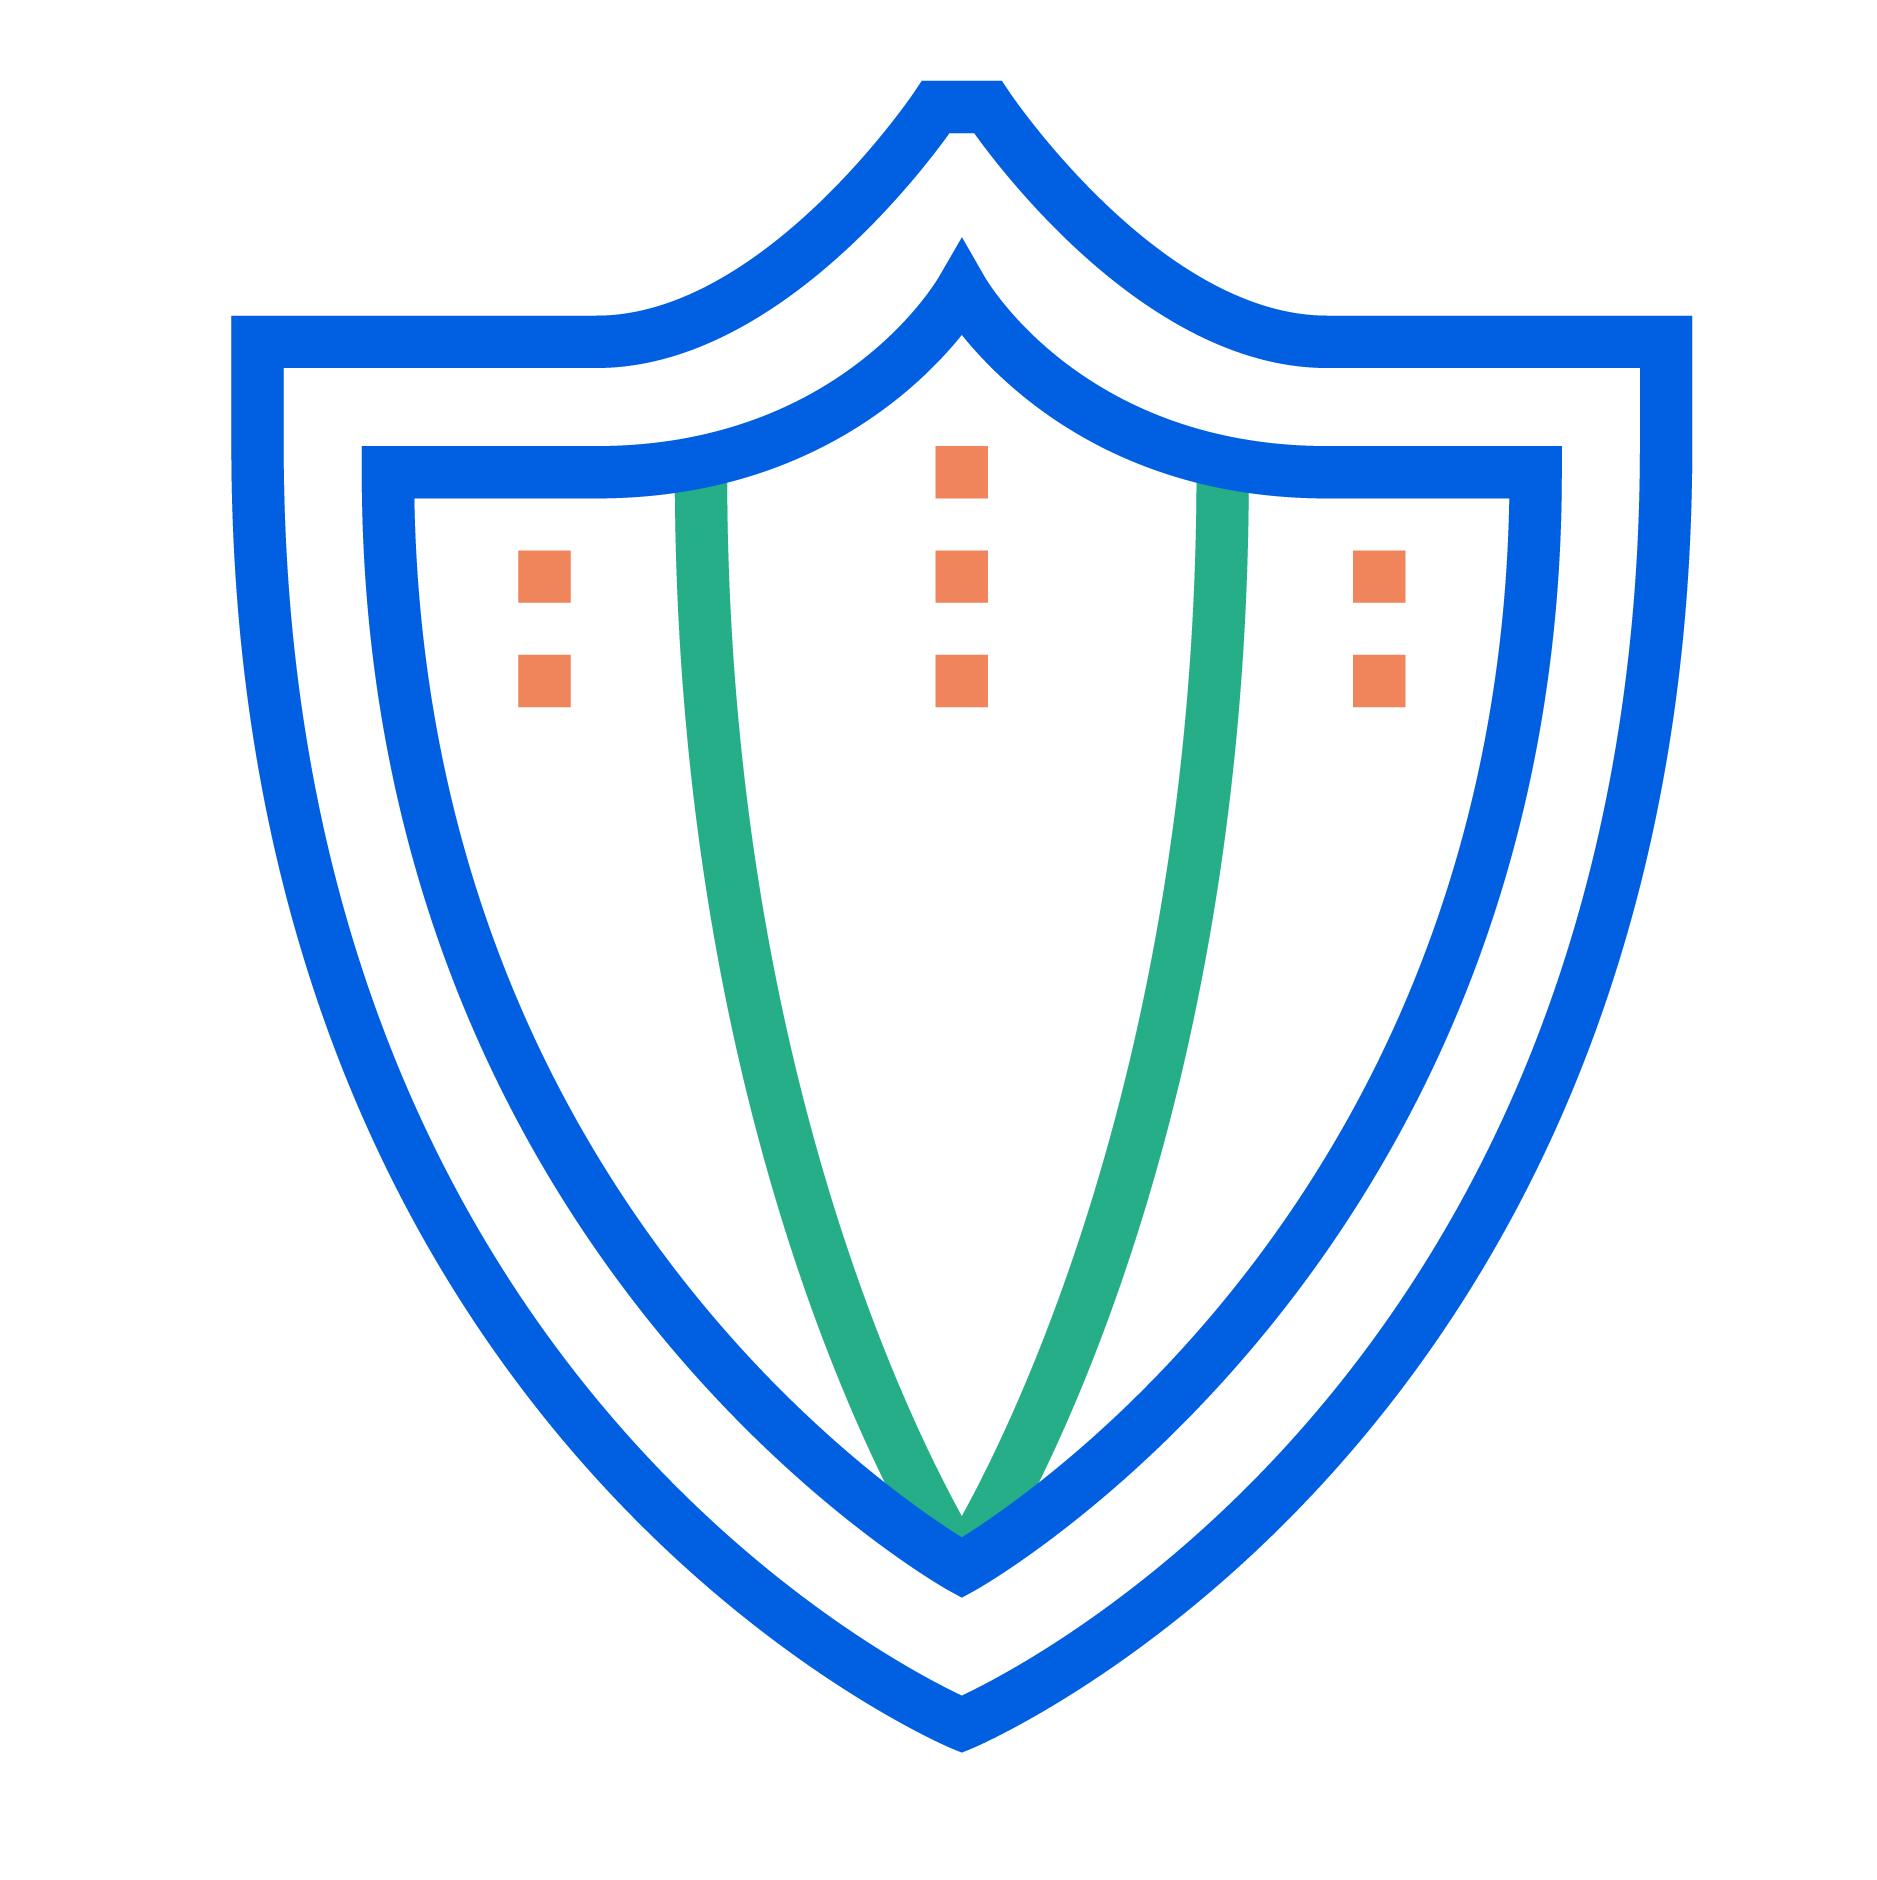 Segurança e confiabilidade